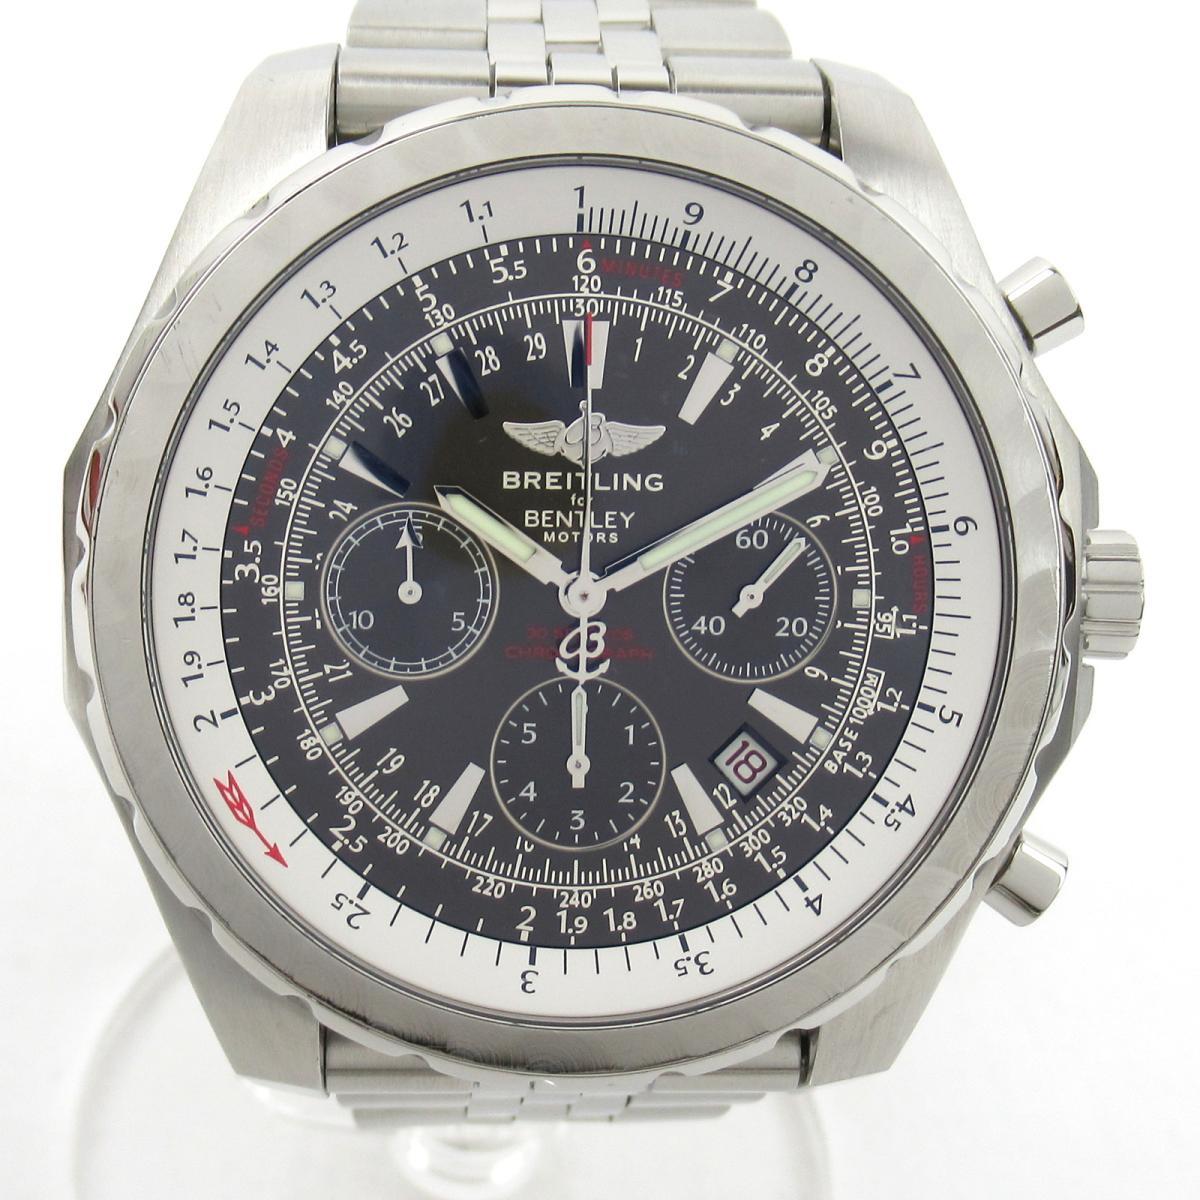 【中古】 ブライトリング ベントレー ウォッチ 腕時計 メンズ ステンレススチール (SS) (A25363)   BREITLING BRANDOFF ブランドオフ ブランド ブランド時計 ブランド腕時計 時計